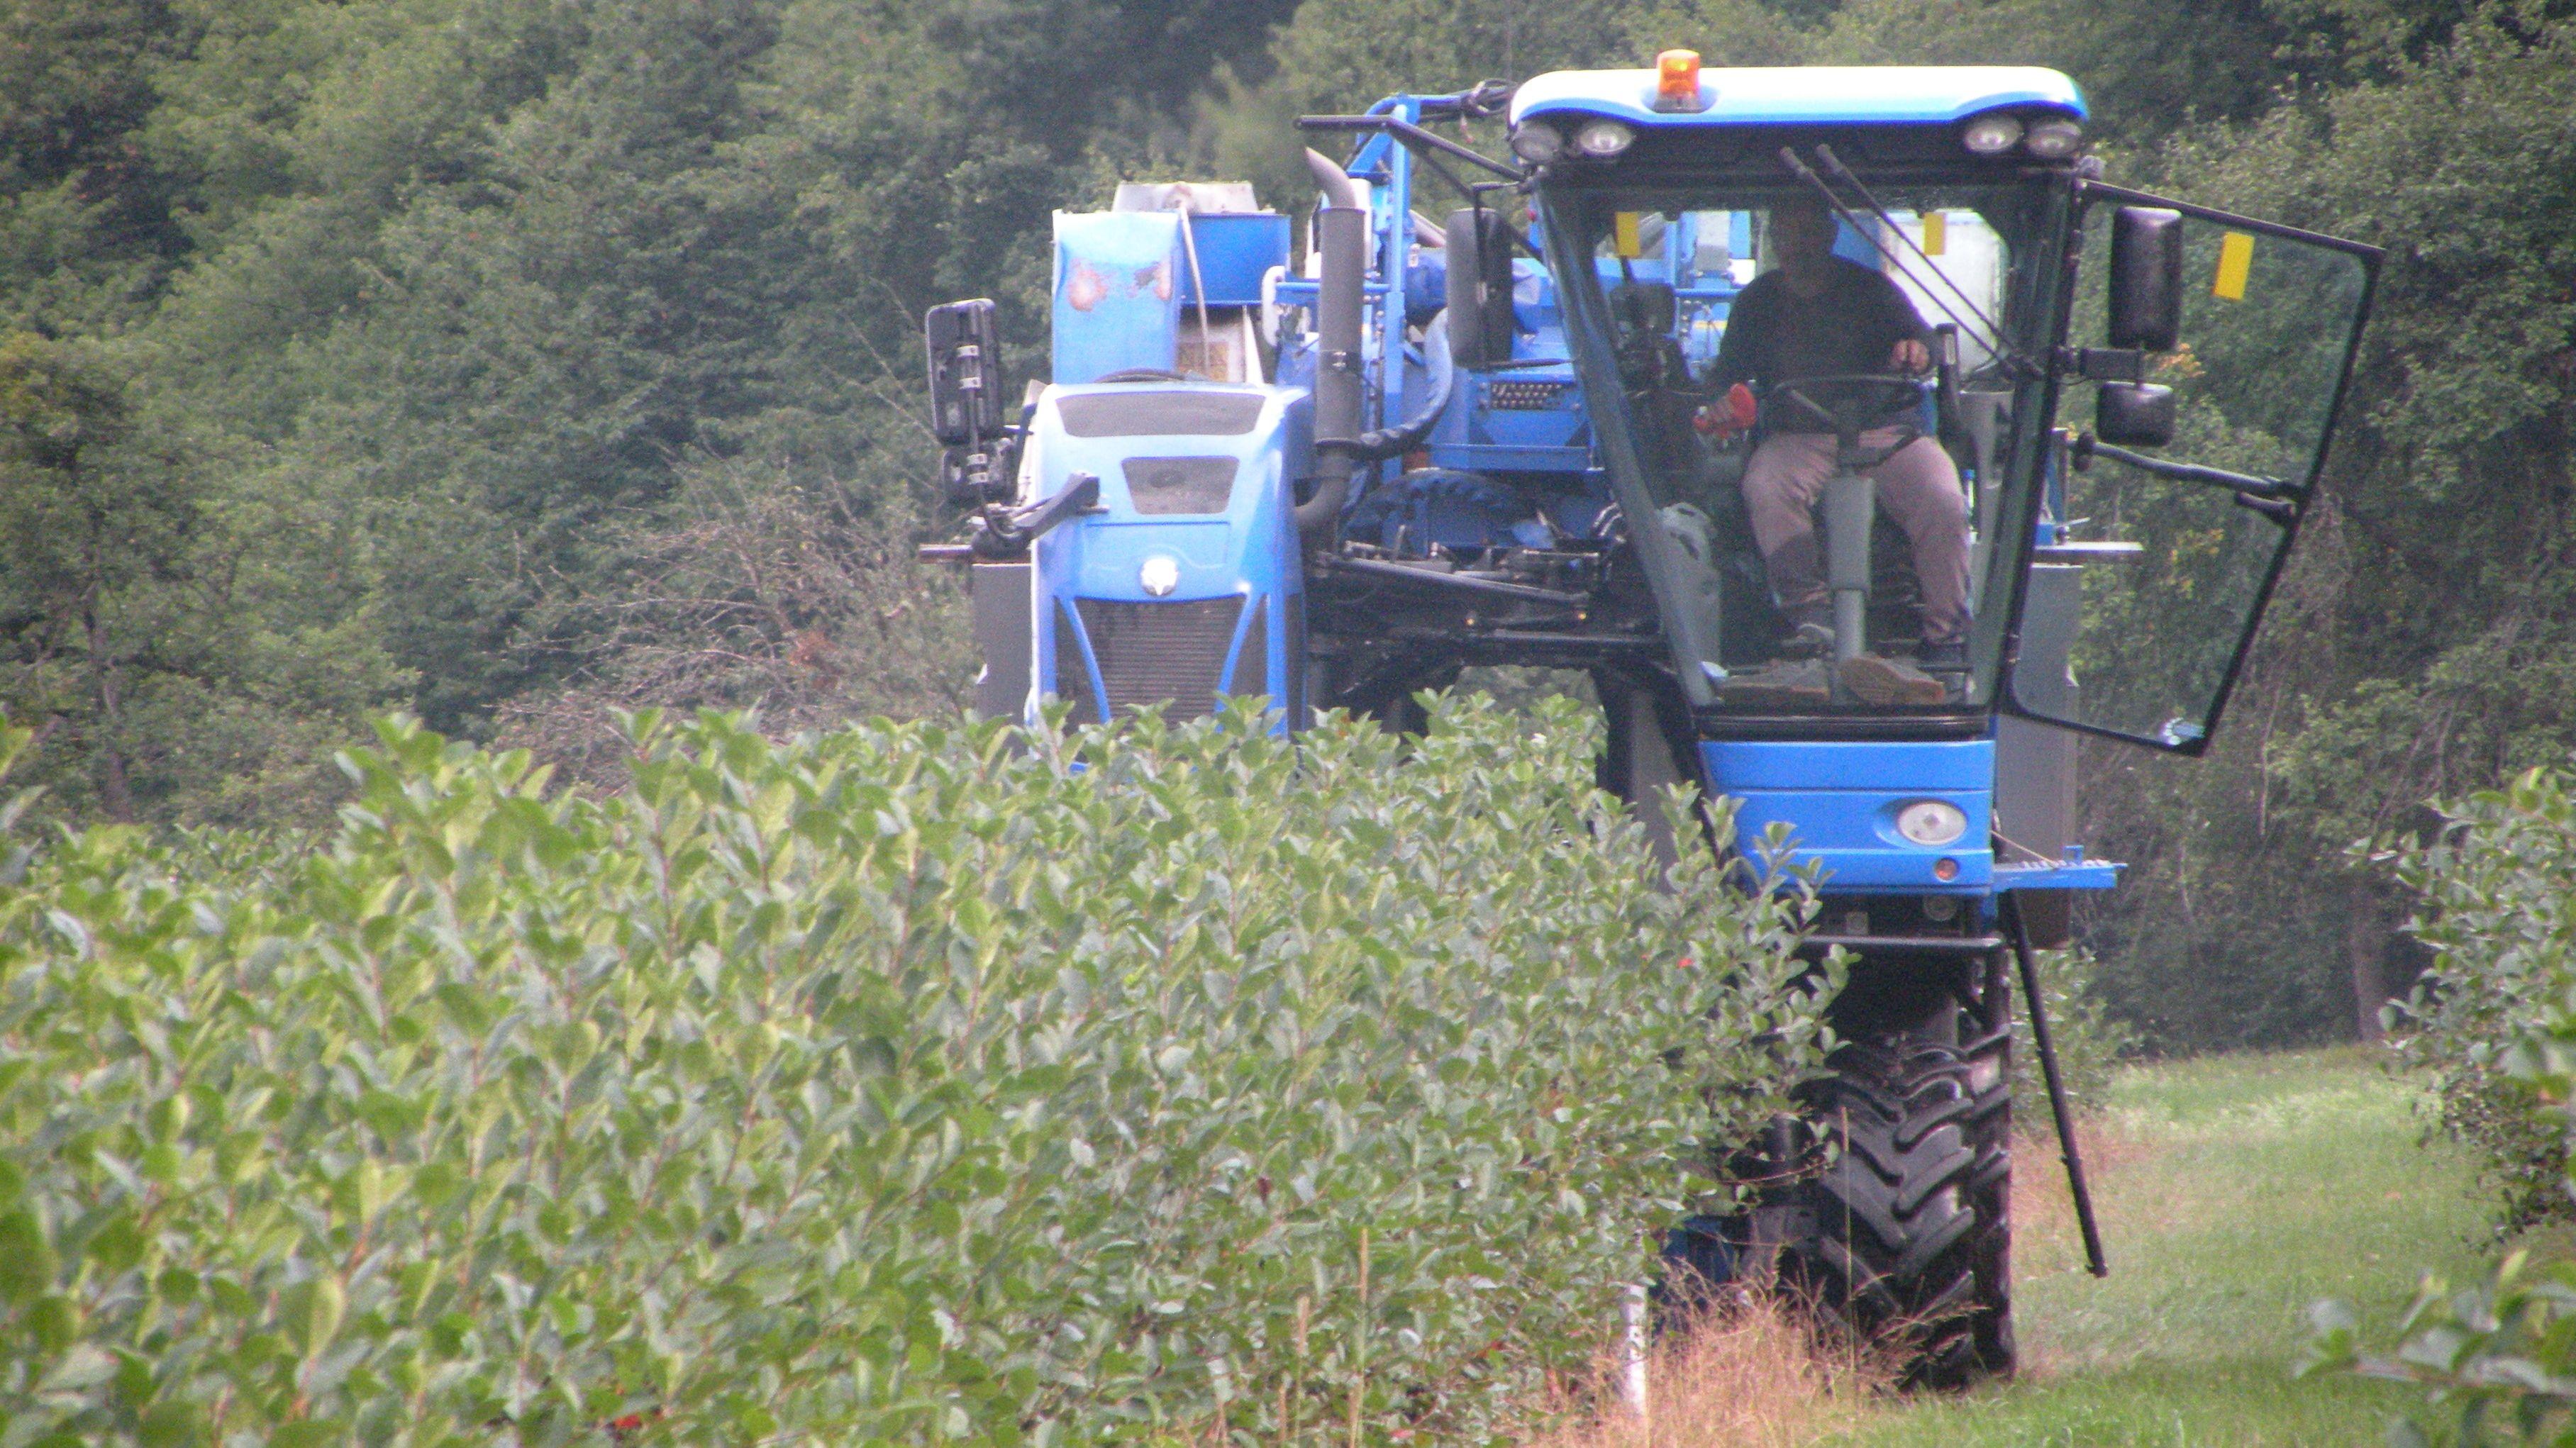 Mit einem Vollernter erntet ein Landwirt bei Miltenberg Aroniabeeren.